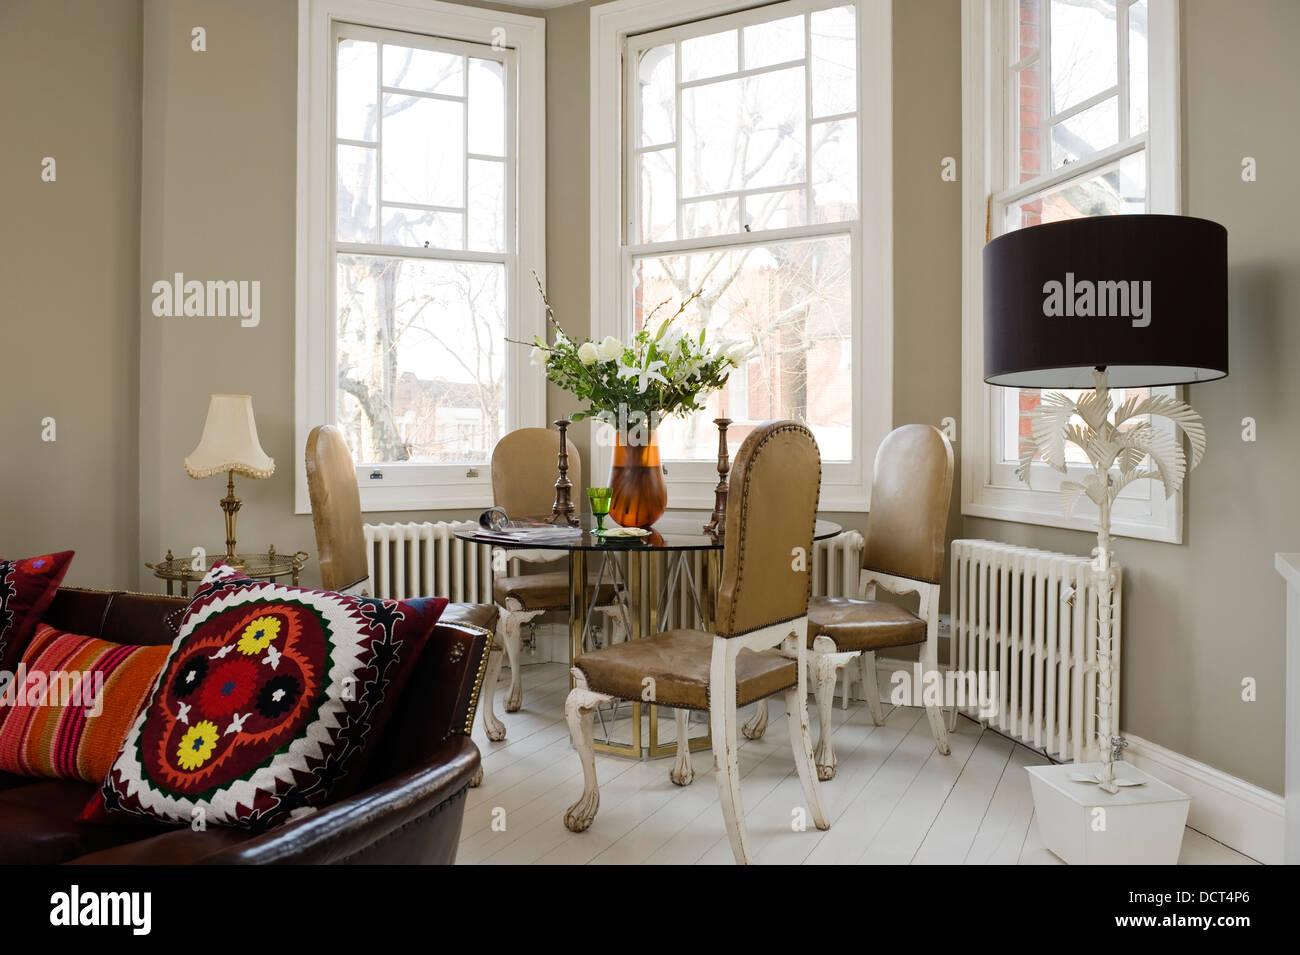 Blickfang Esstisch Wohnzimmer Ideen Von Glasplatte Mit Stühlen Von Birgit Israel Bei